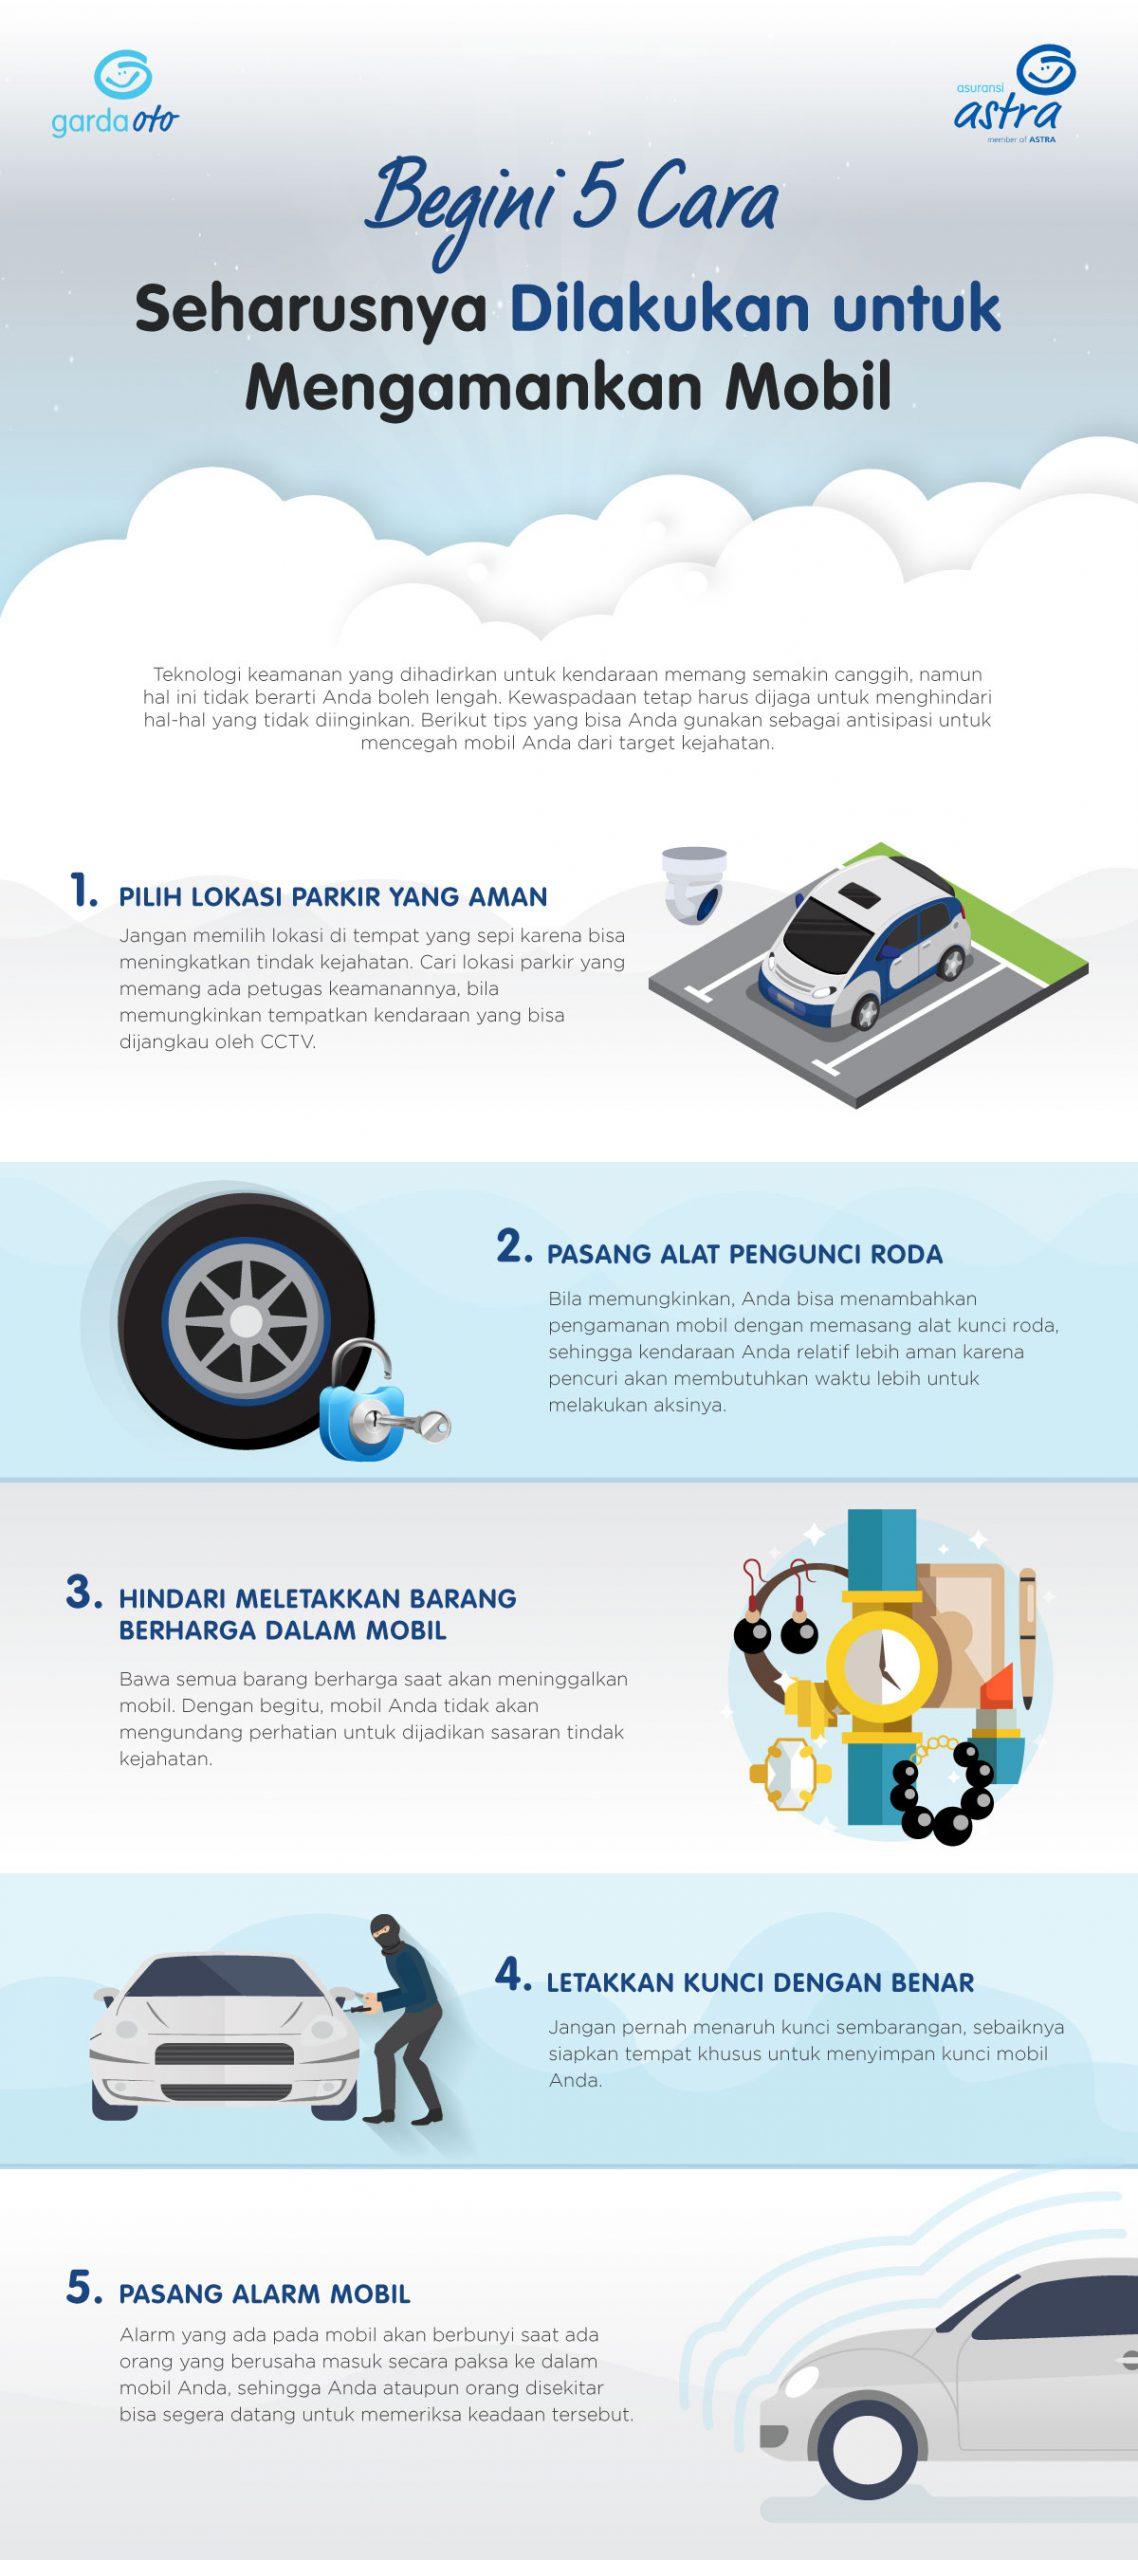 Begini 5 Cara Seharusnya Dilakukan untuk Mengamankan Mobil